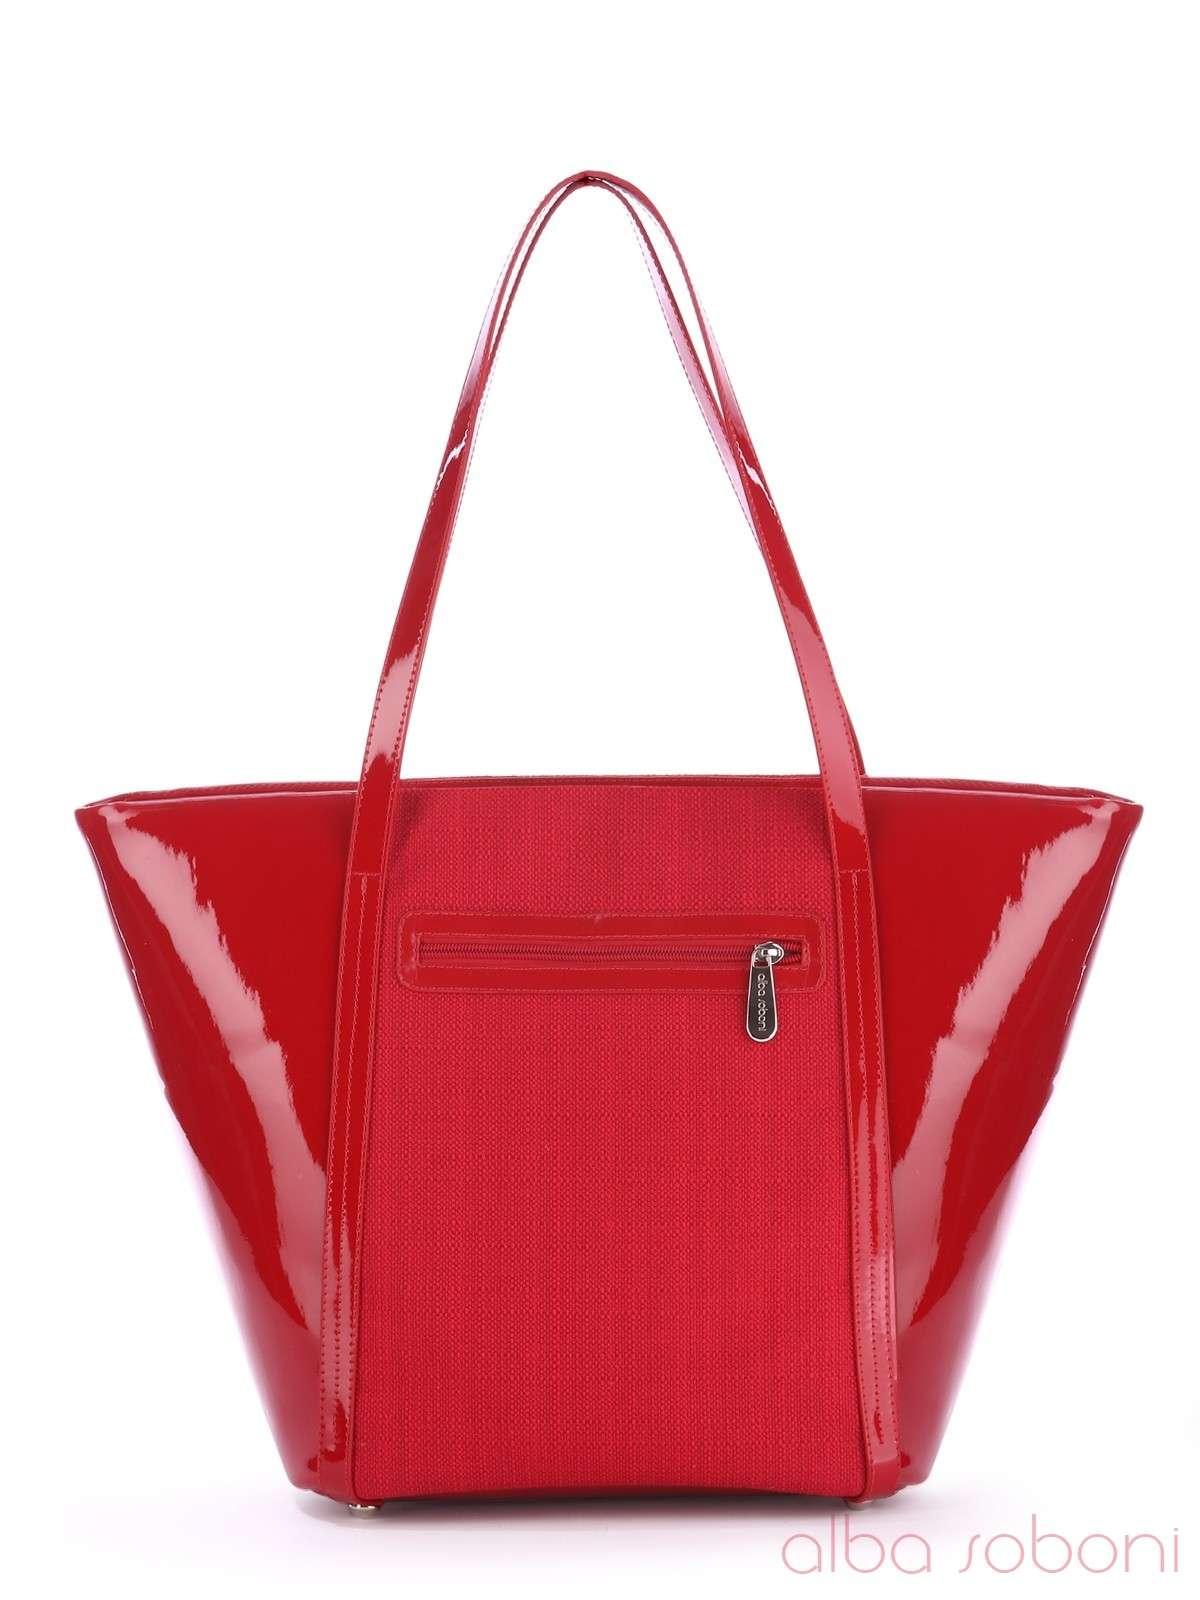 Интернет магазин женских брендовых сумок celine, брендовые